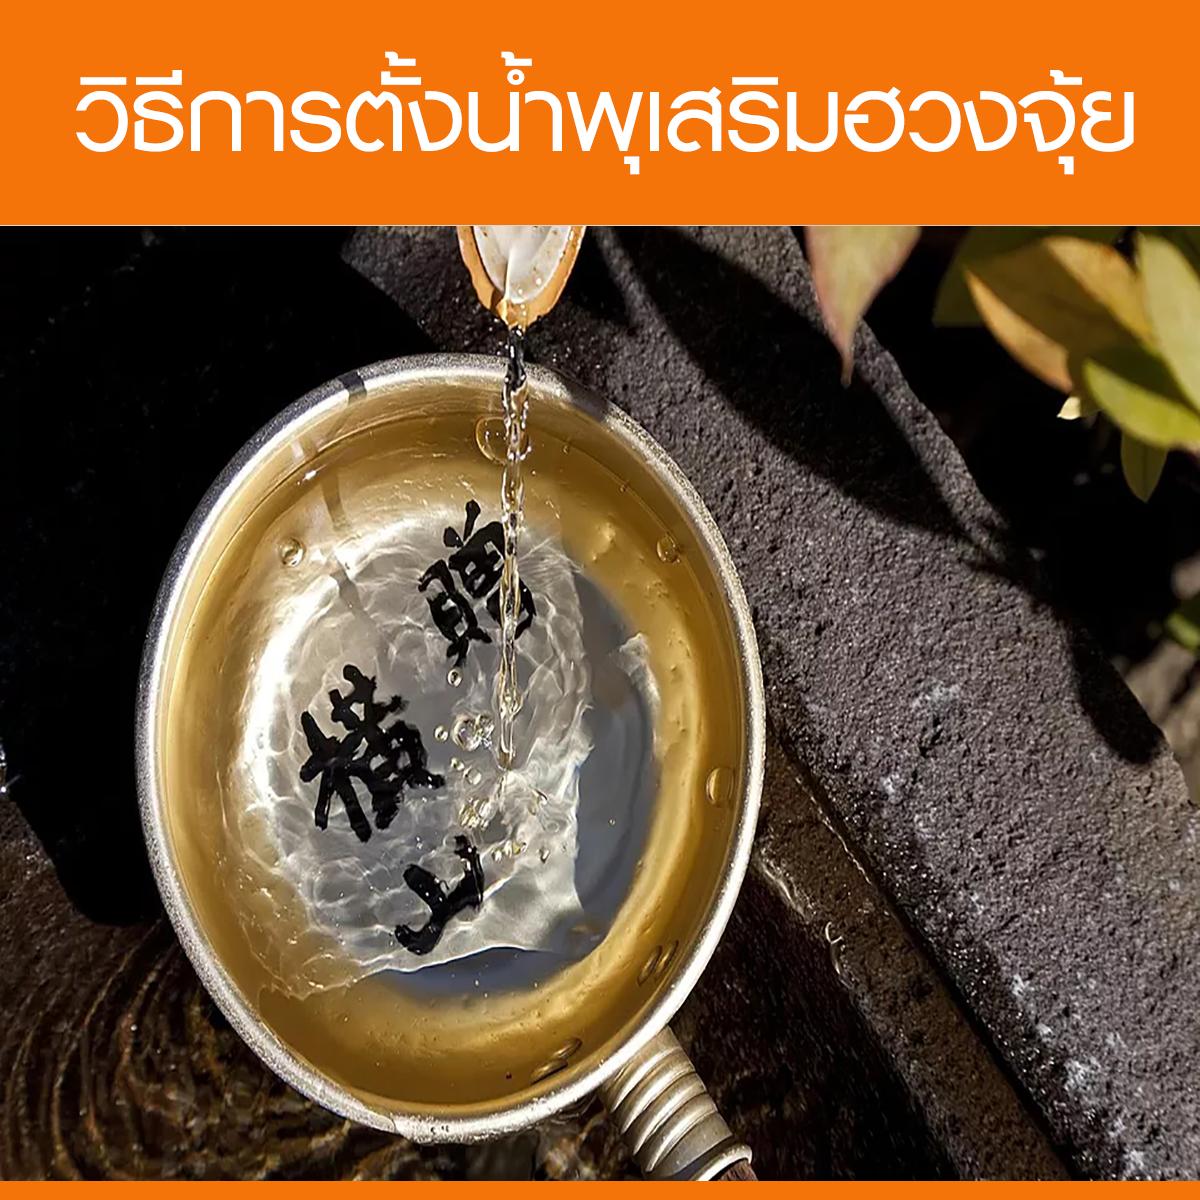 วิธีการตั้งน้ำพุเสริมฮวงจุ้ยที่ดีในบ้านหรือ-คอนโดของคุณ